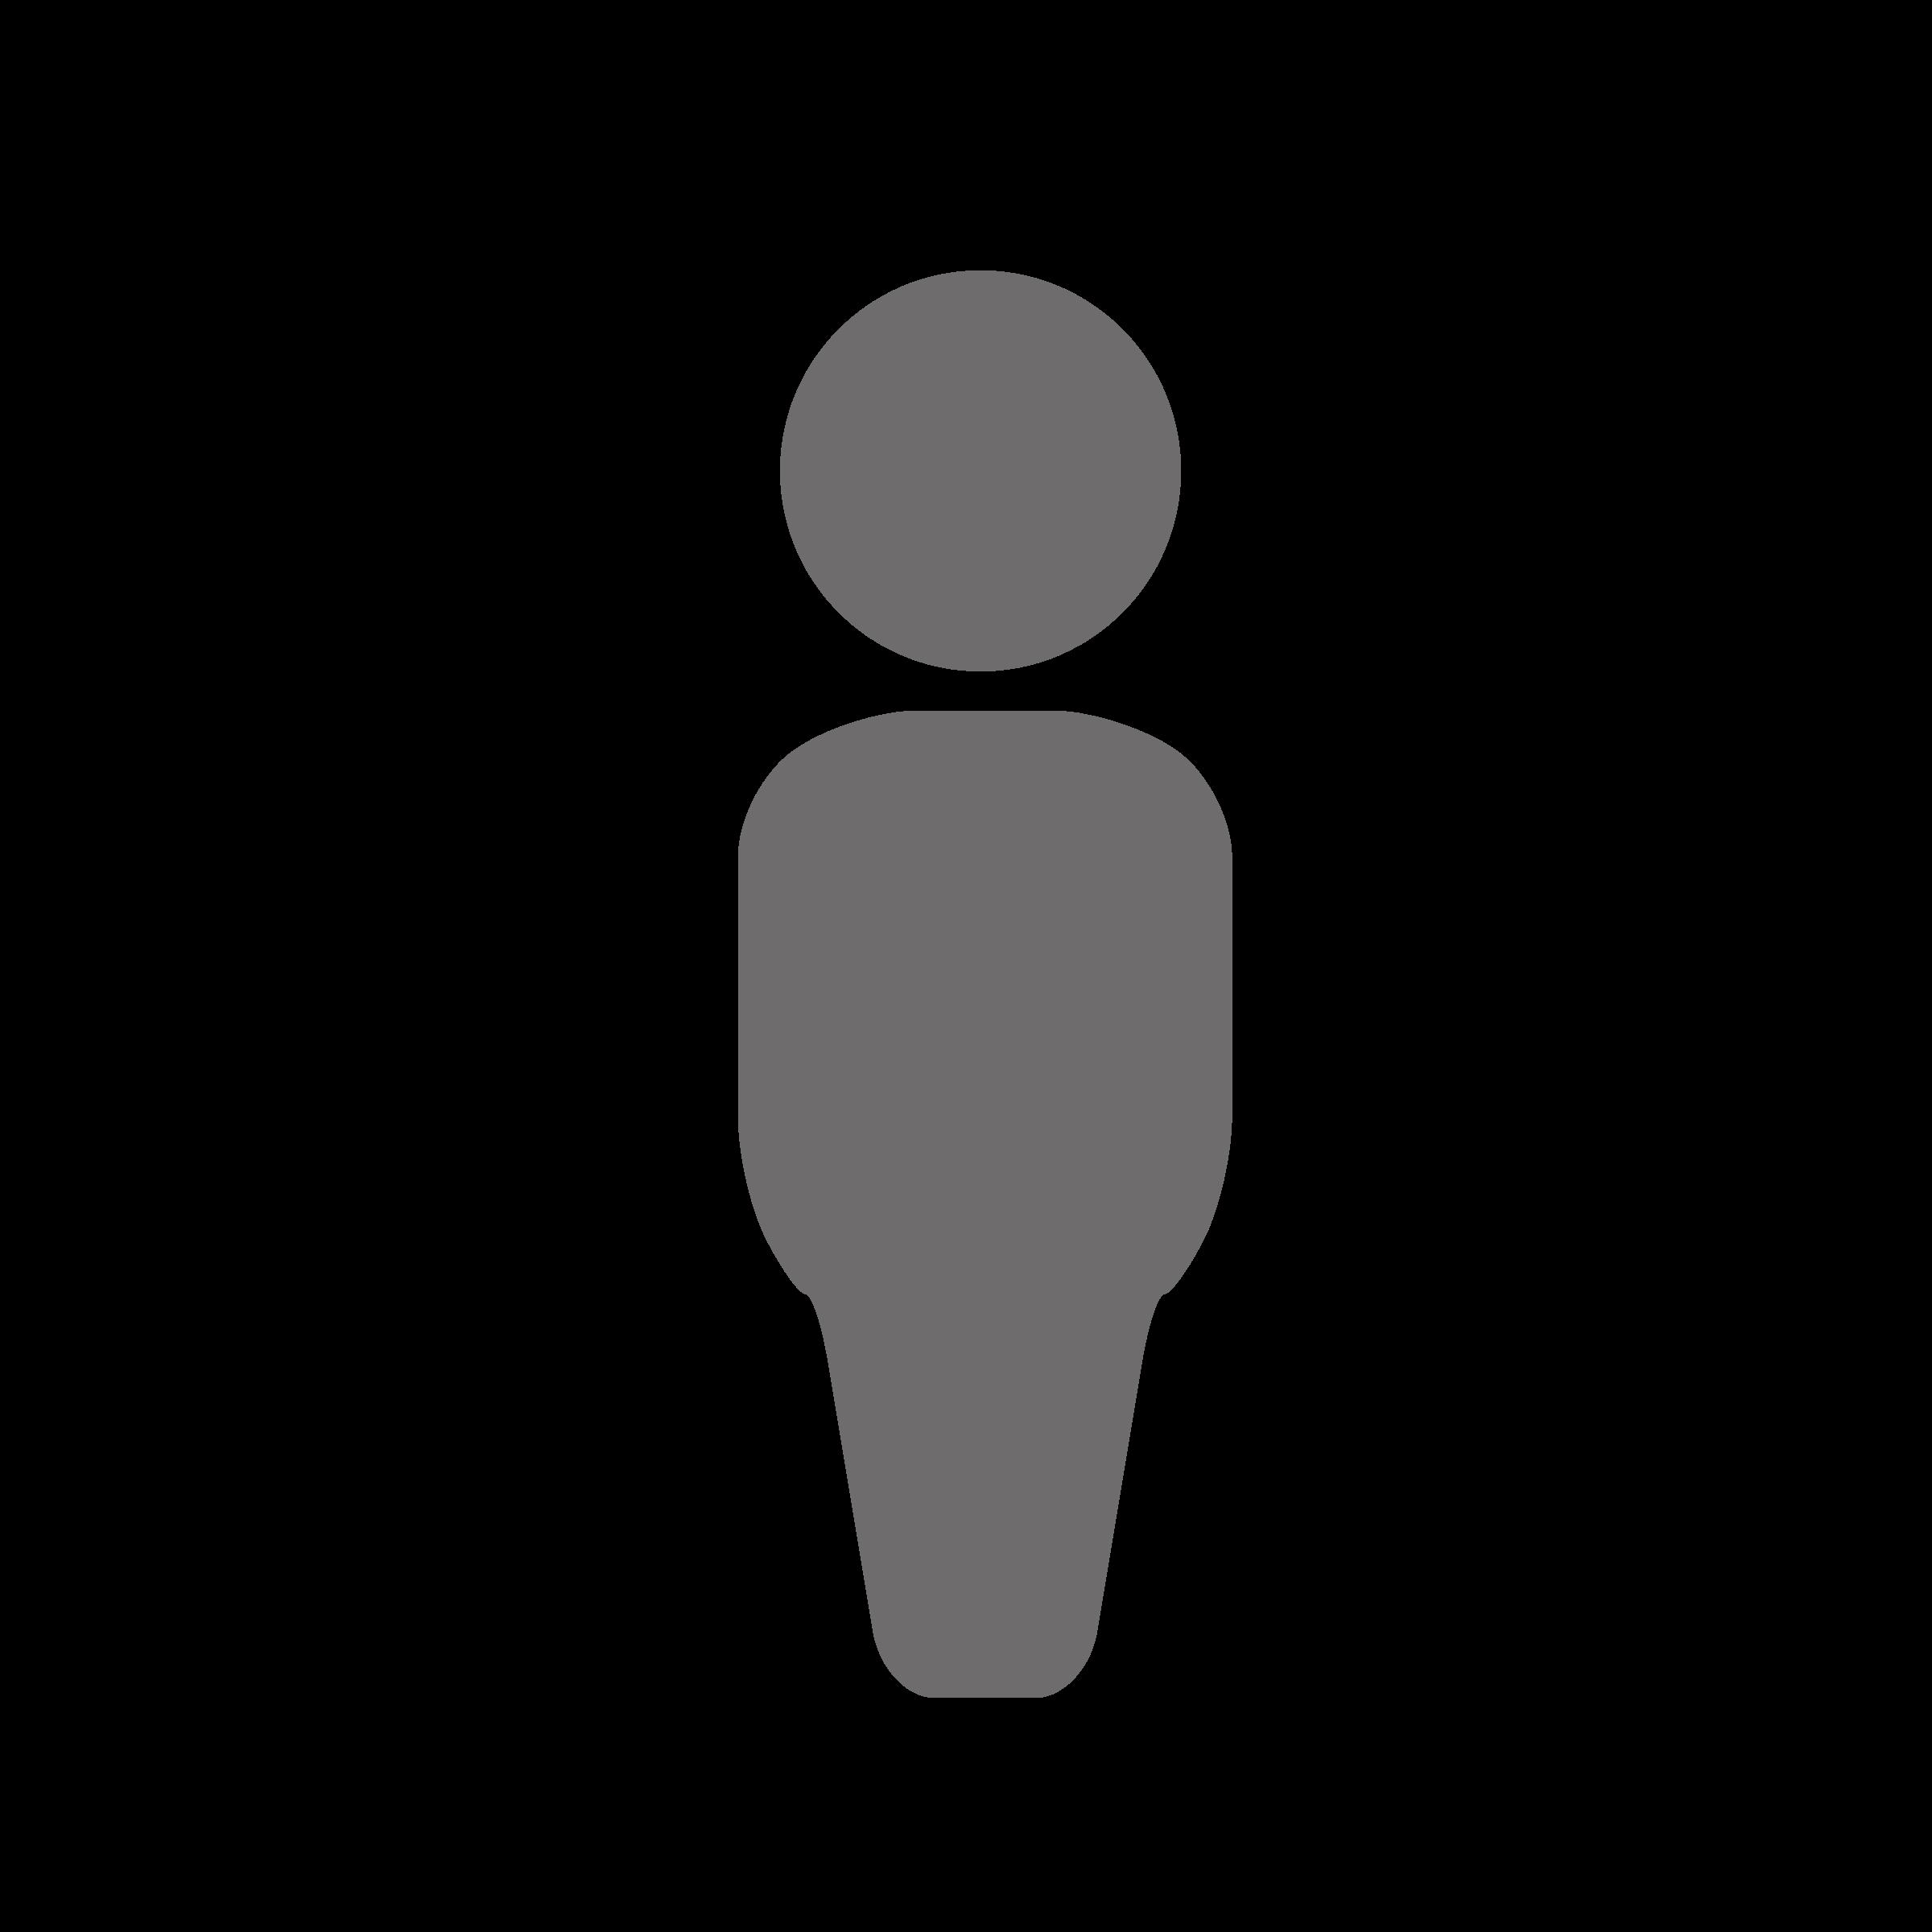 Individual Person Icon